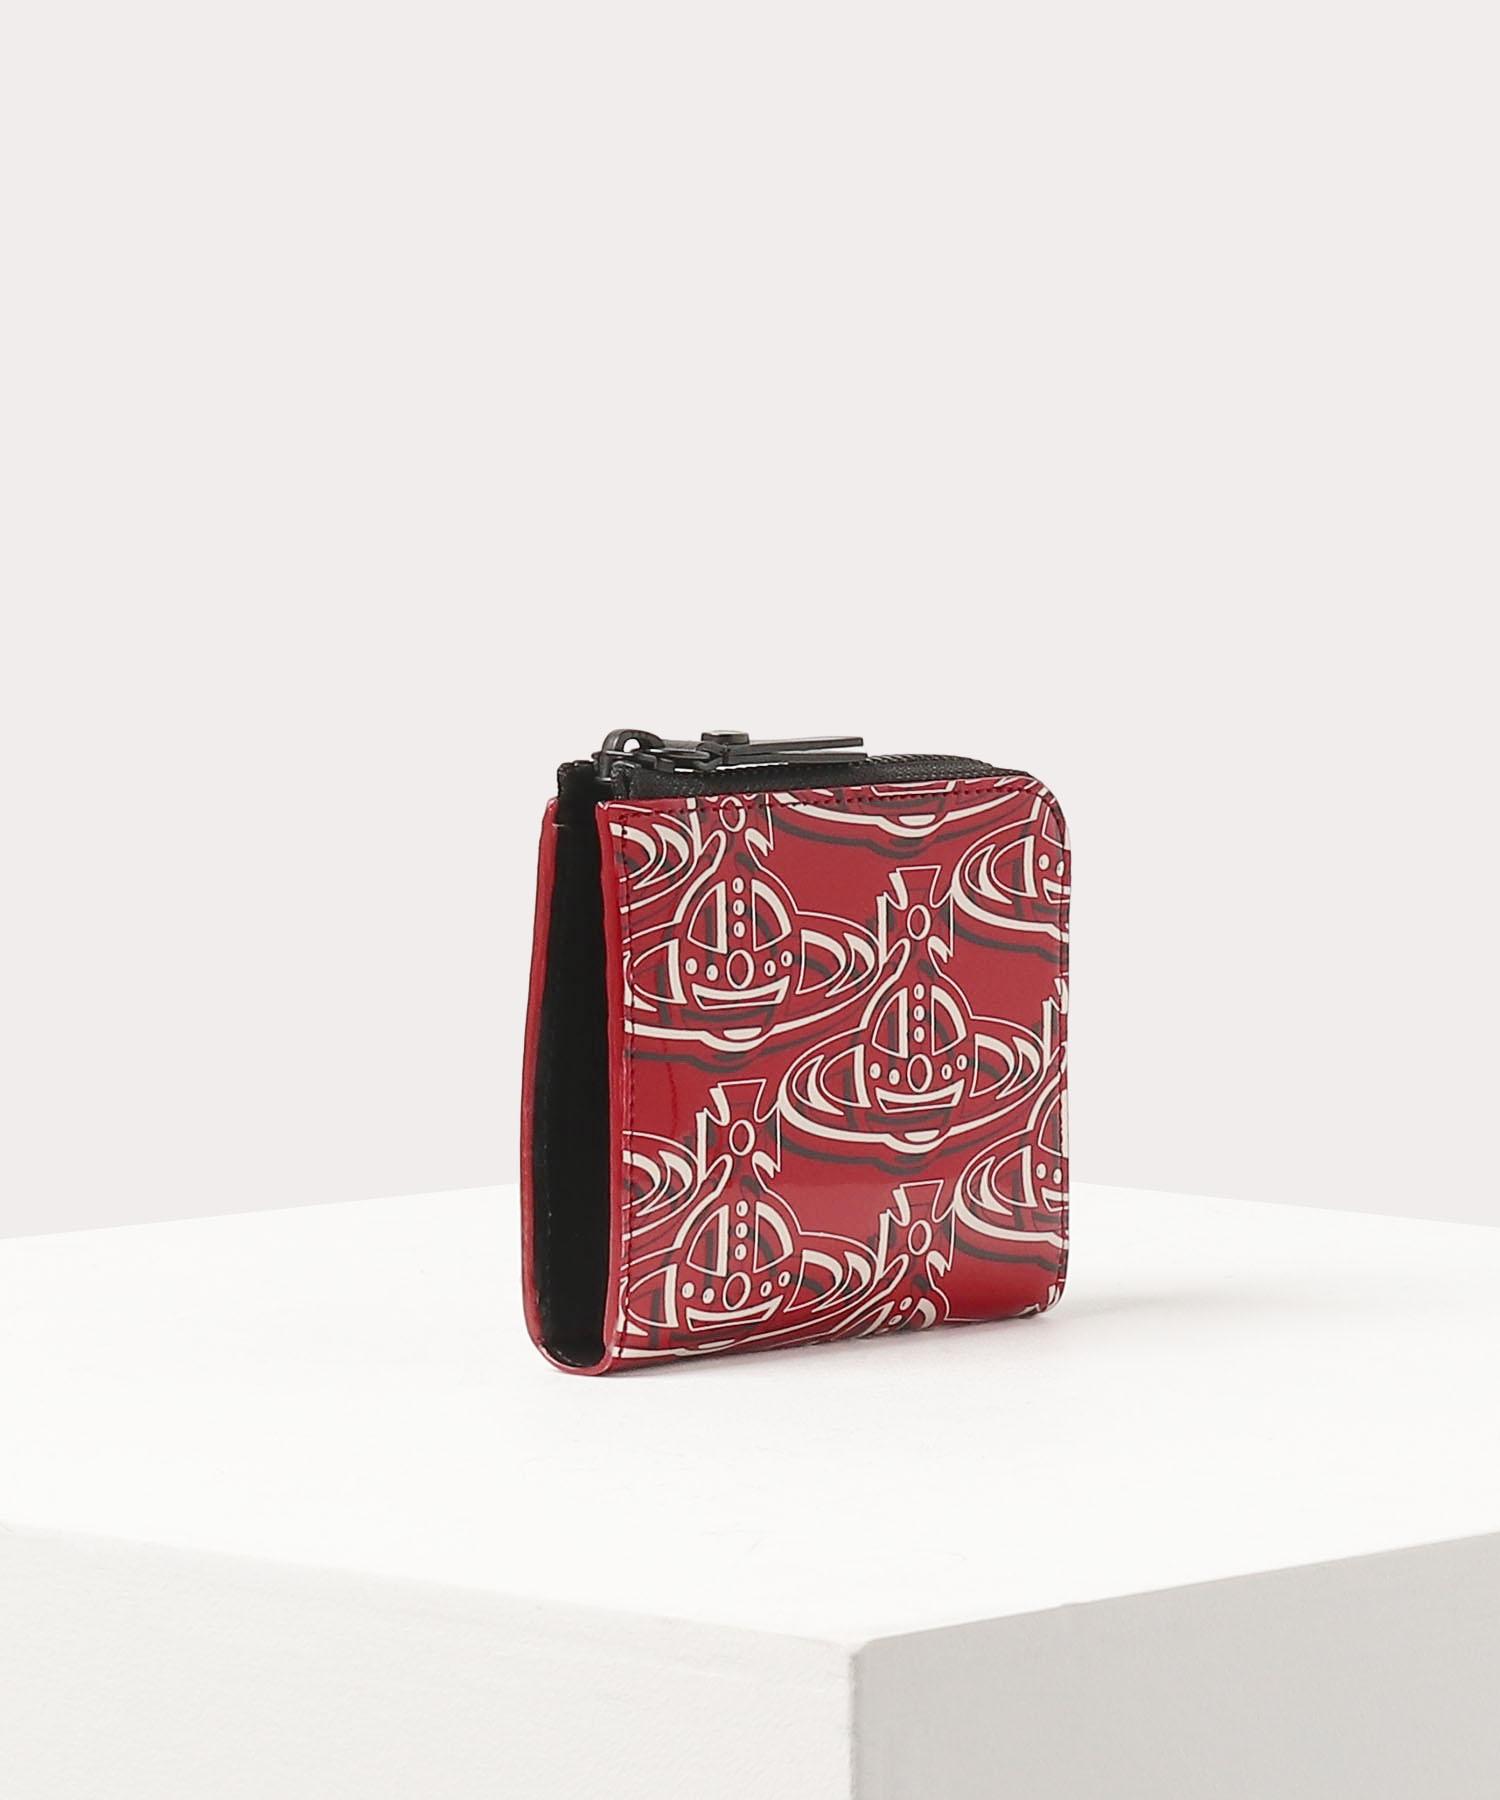 ORBリピート L字ファスナー財布